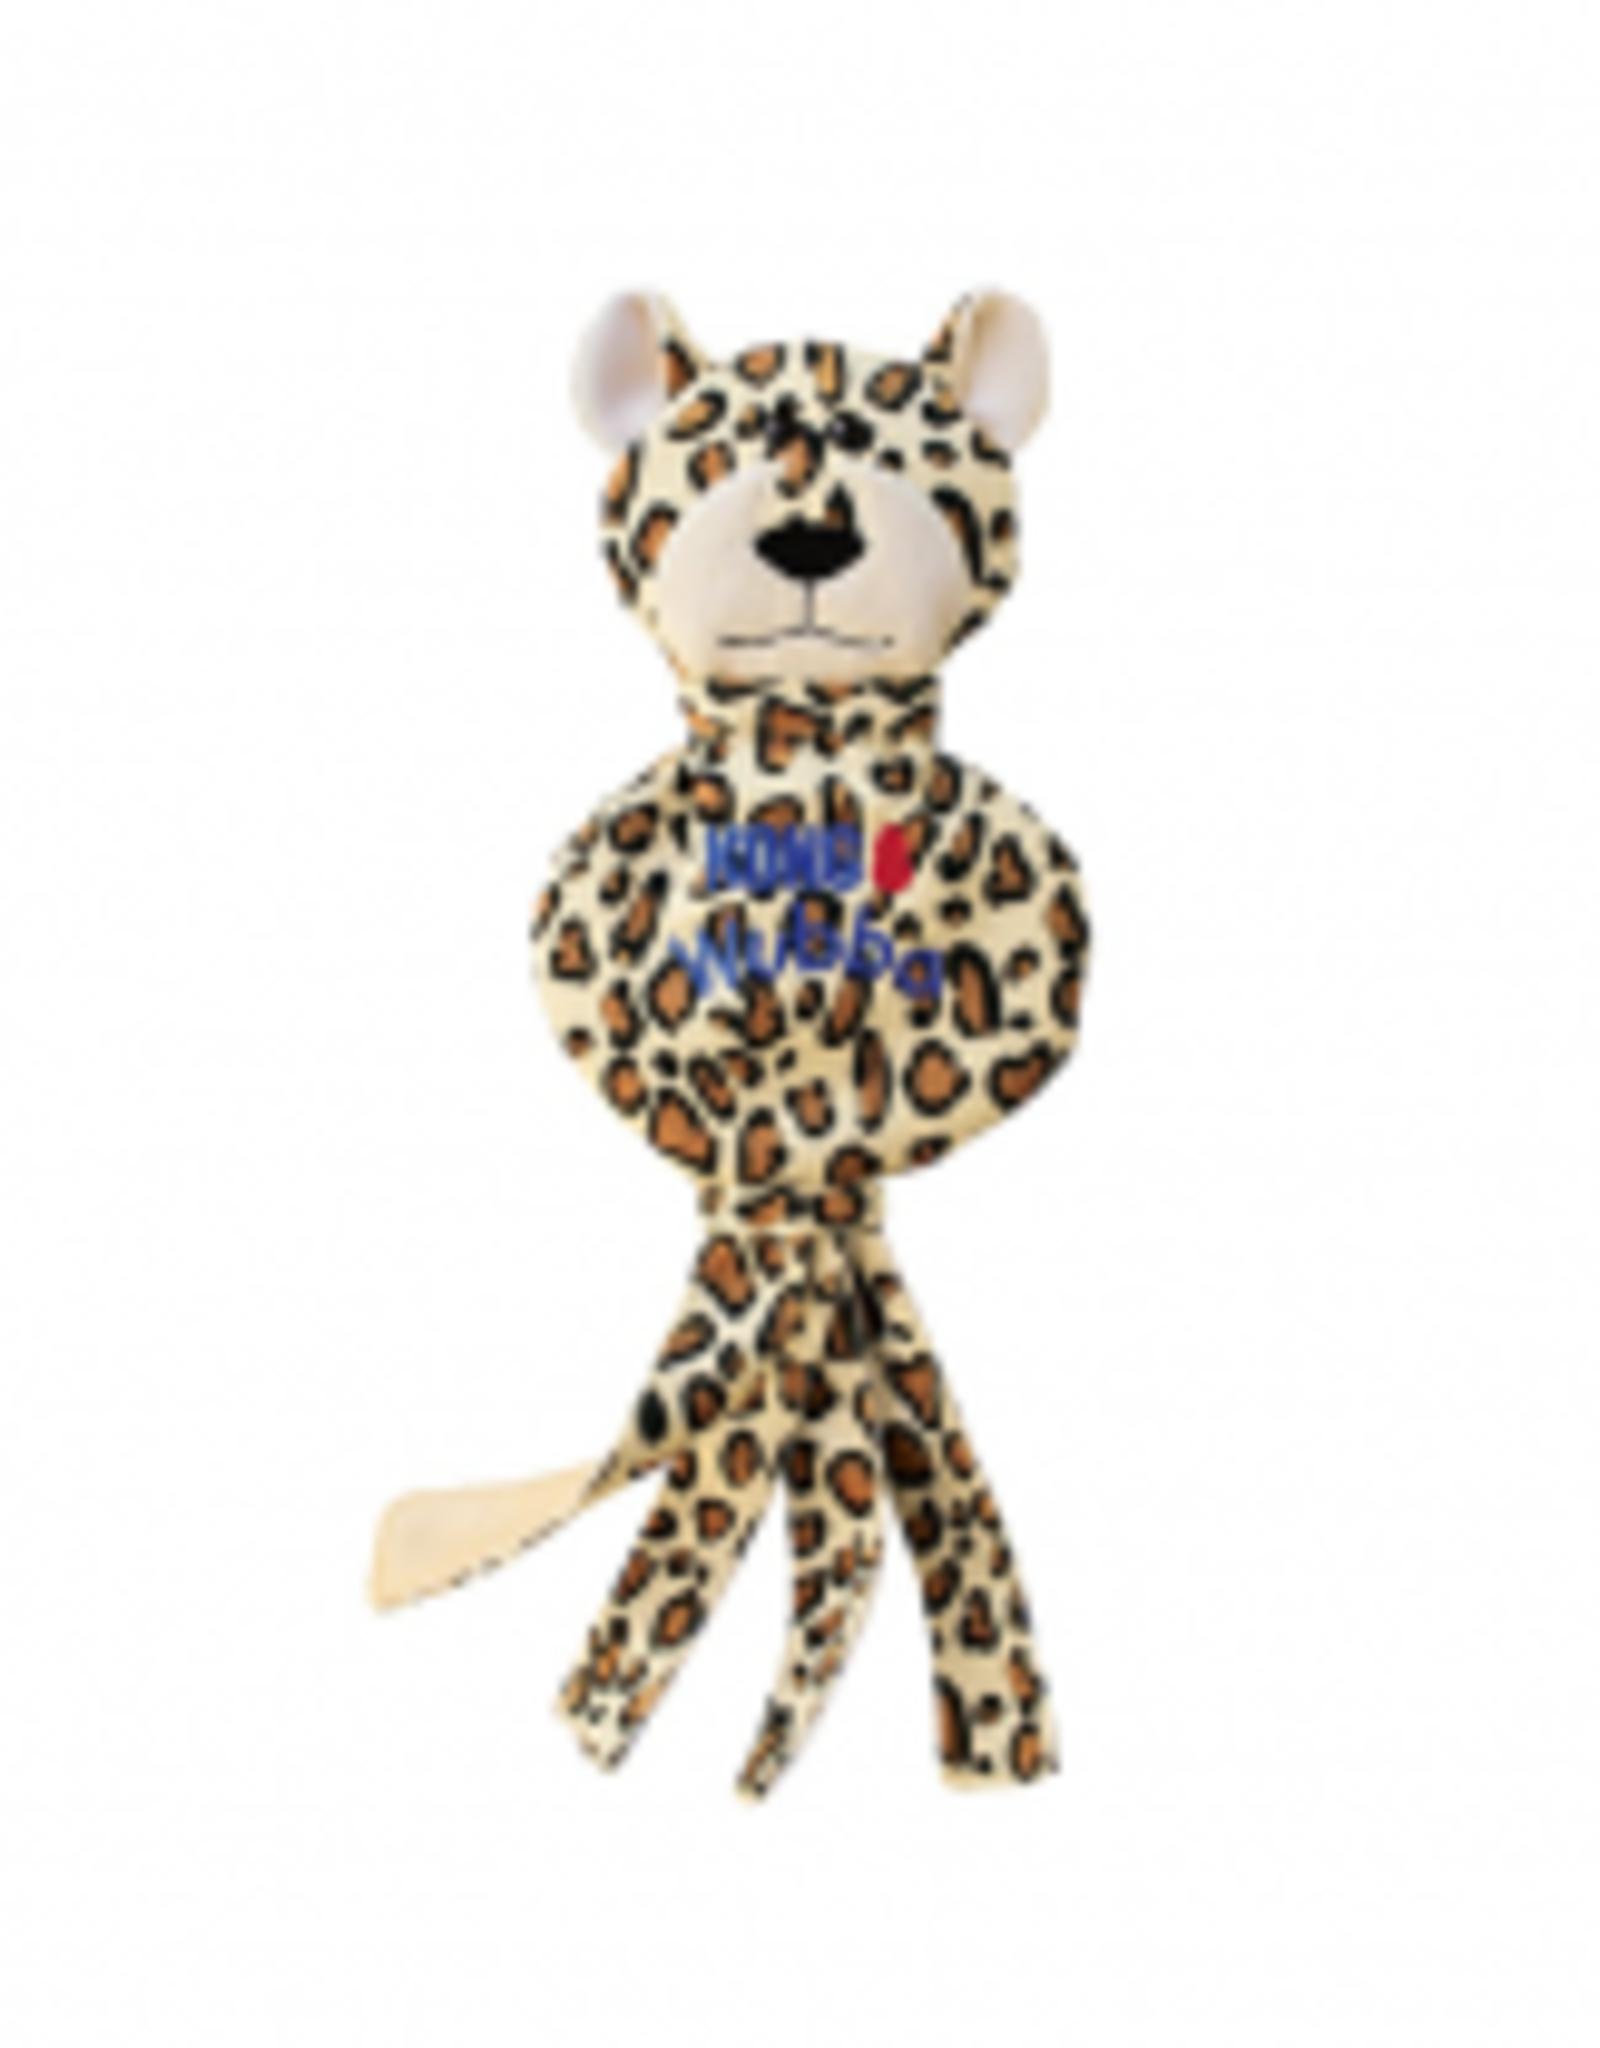 Kong Wubba No Stuff Cheetah Large